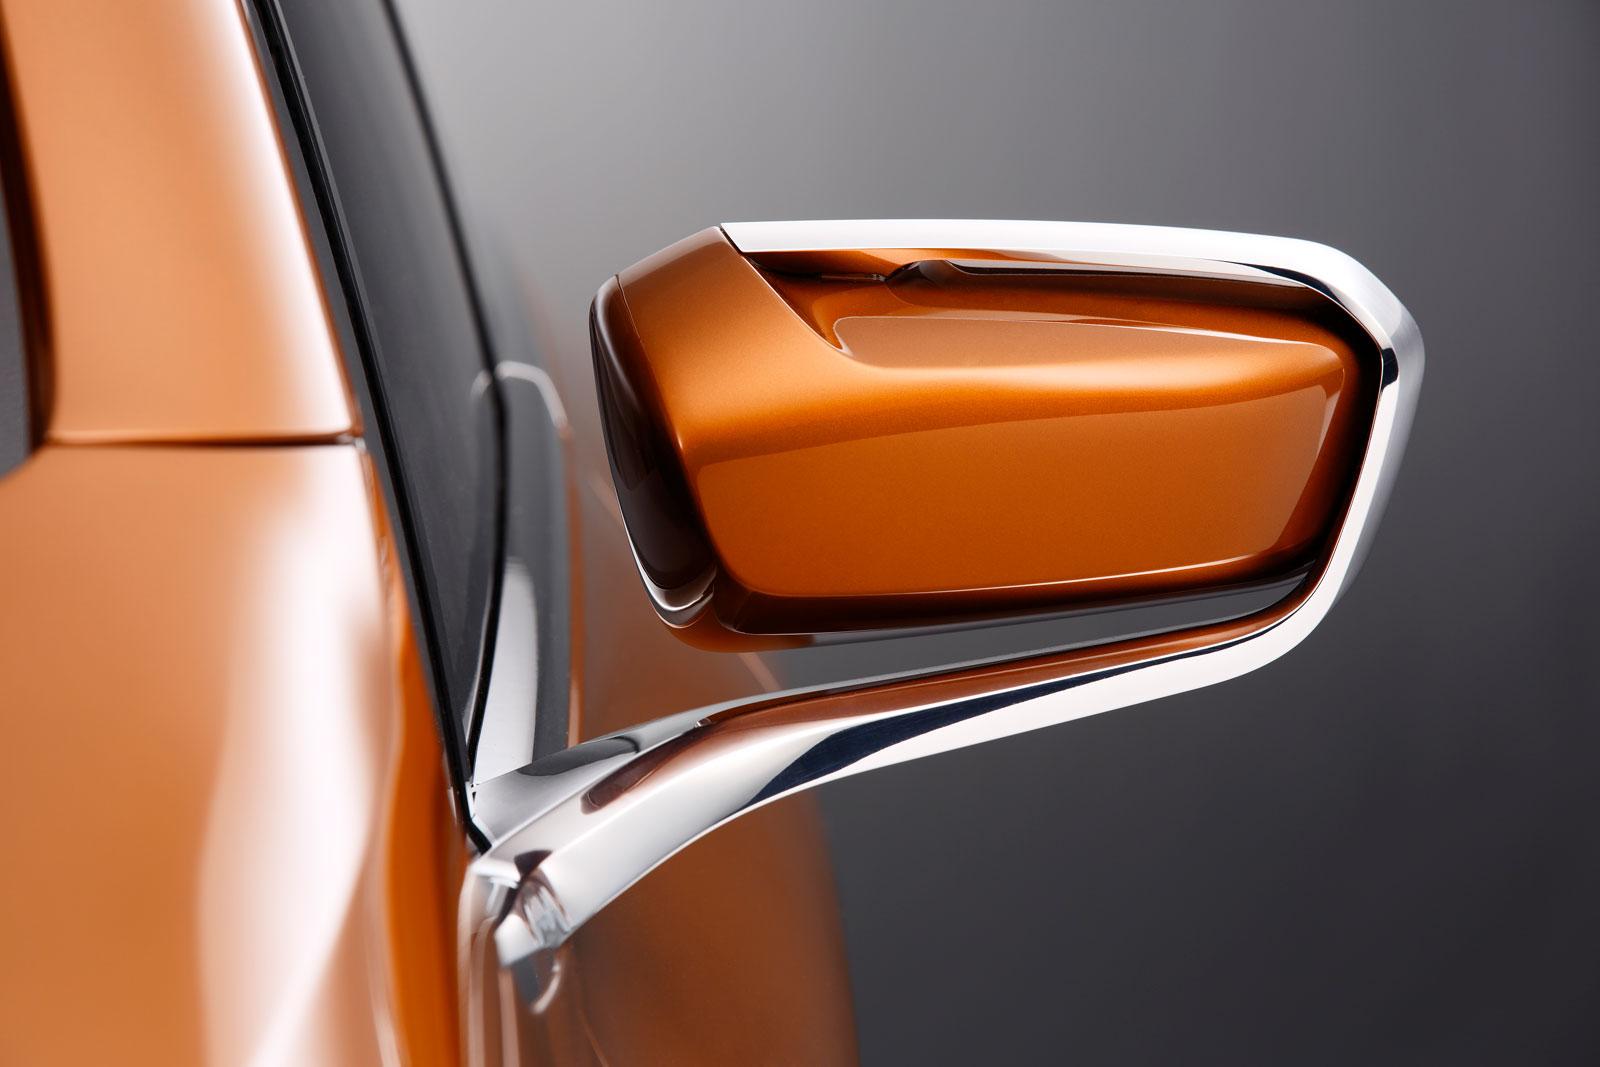 Bmw Concept Active Tourer Outdoor Side Mirror Car Body